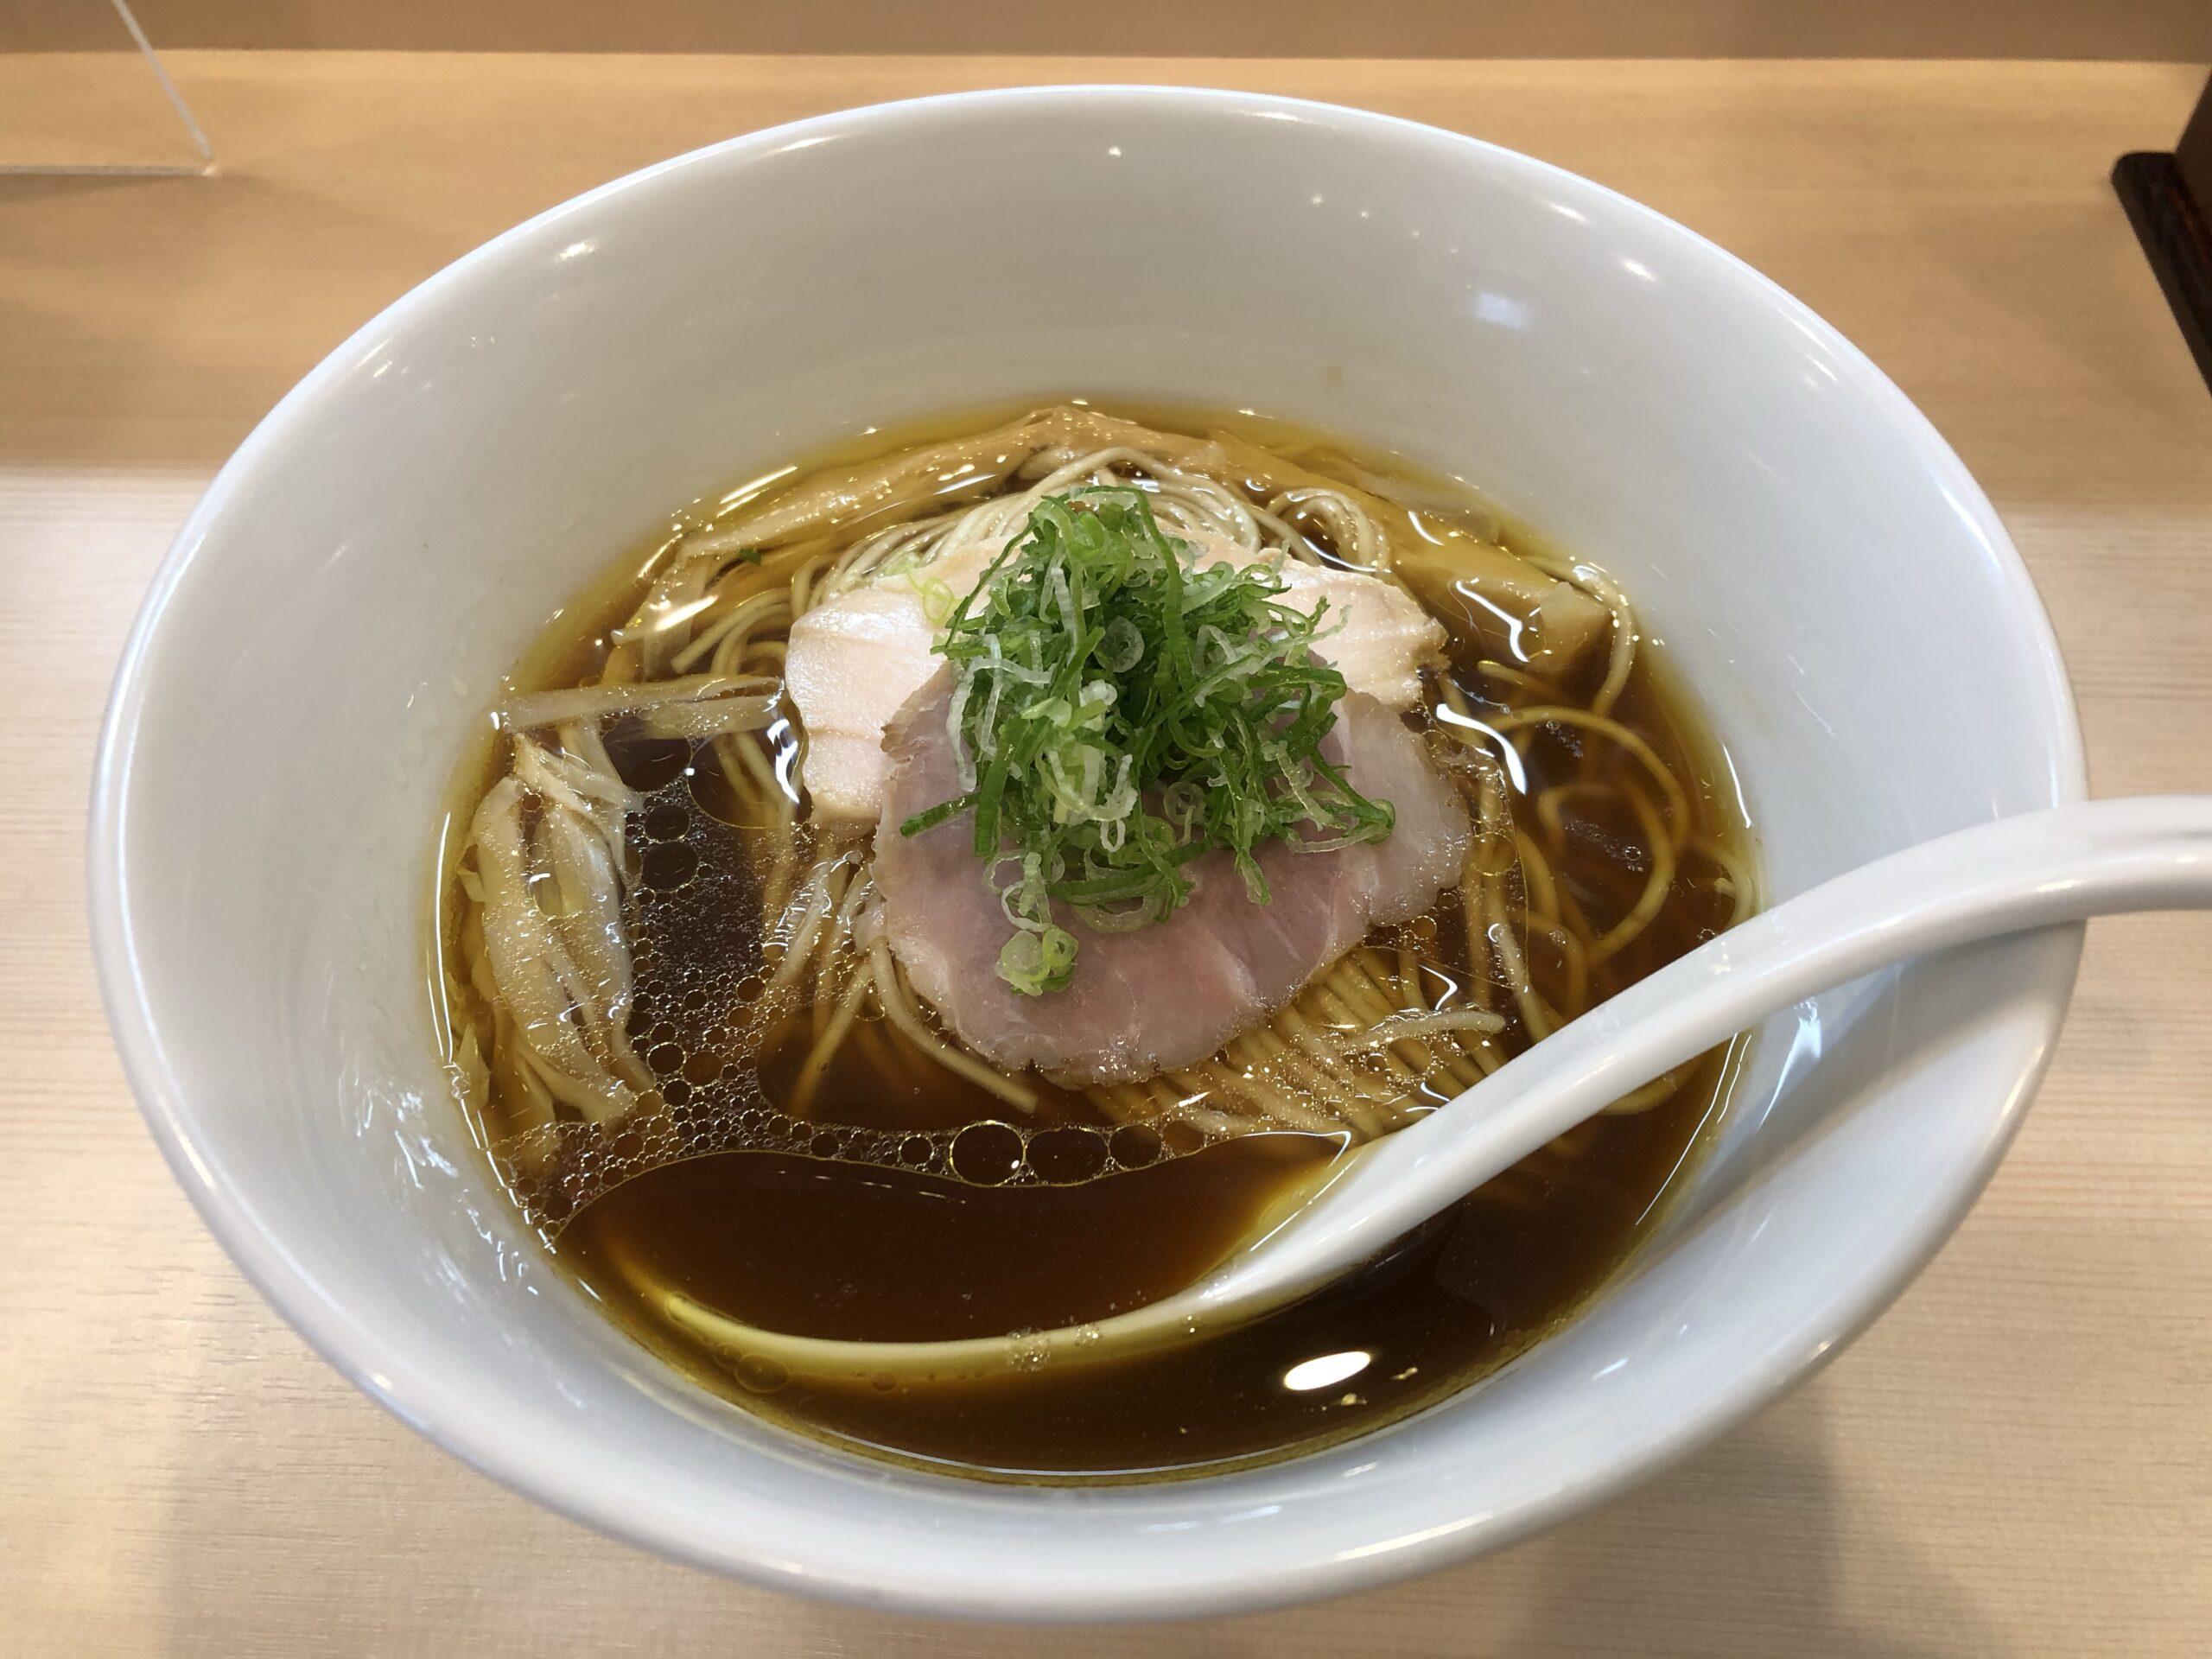 田町「らぁ麺 六花」 淡麗コク旨美味スープとツルツル美味麺